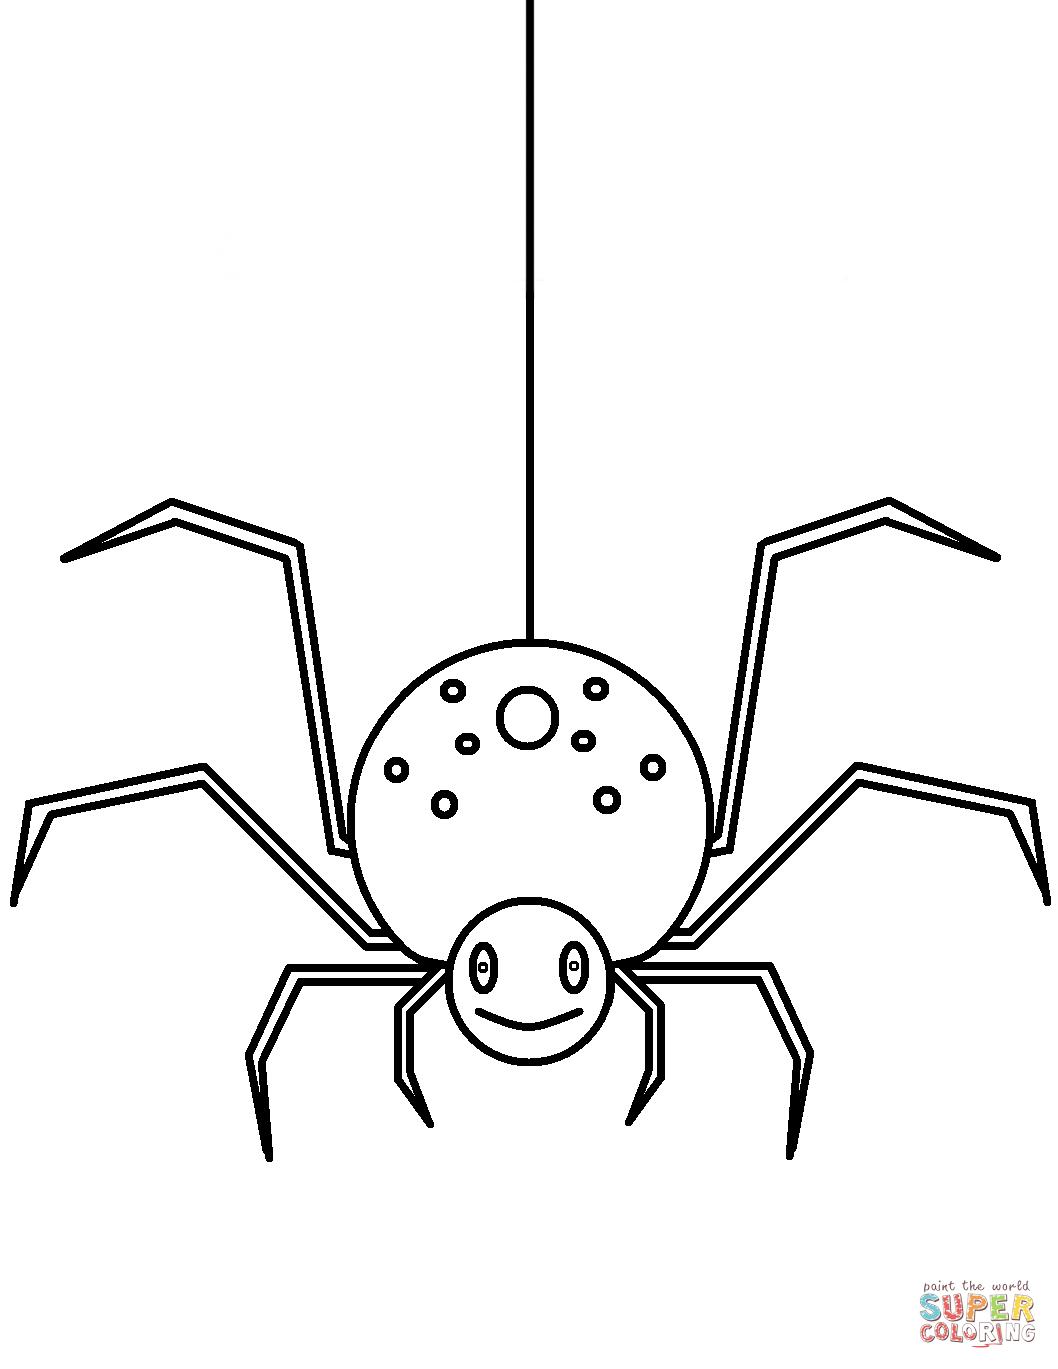 Resultado de imagen para imagenes de araña para colorear | para